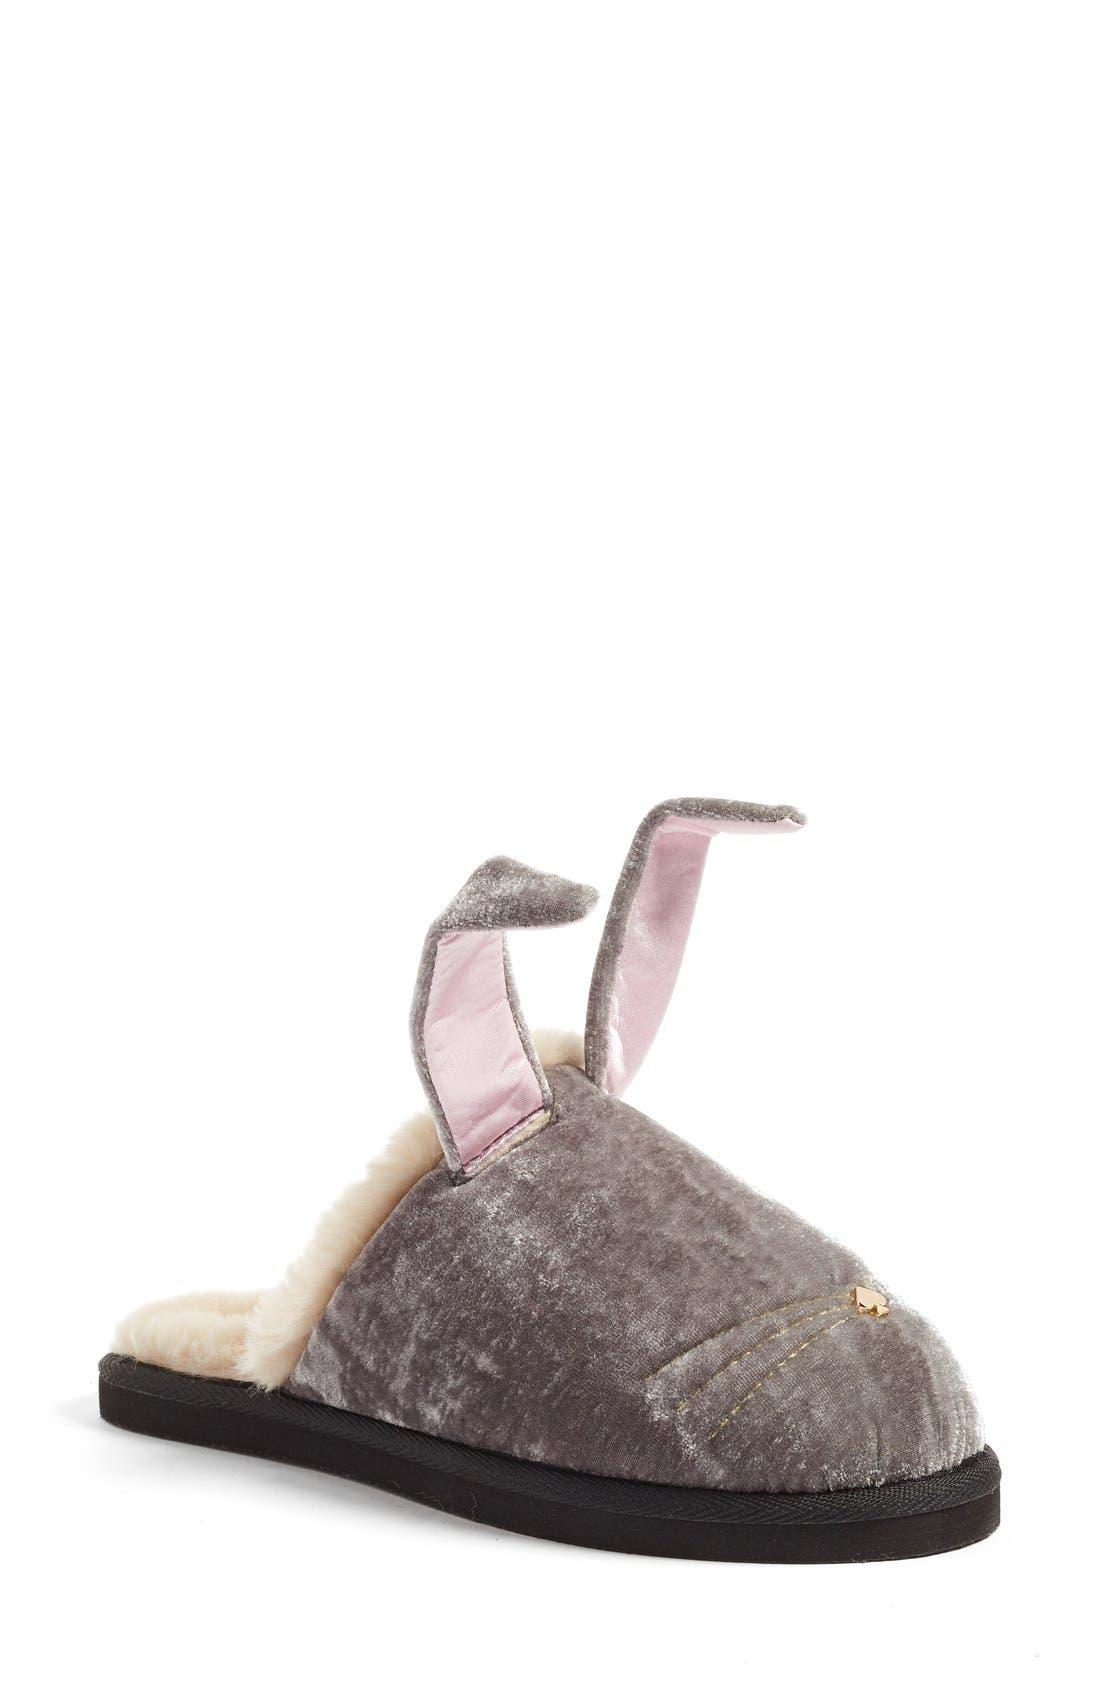 Alternate Image 1 Selected - kate spade new york 'bonnie - bunny' velvet slipper (Women)